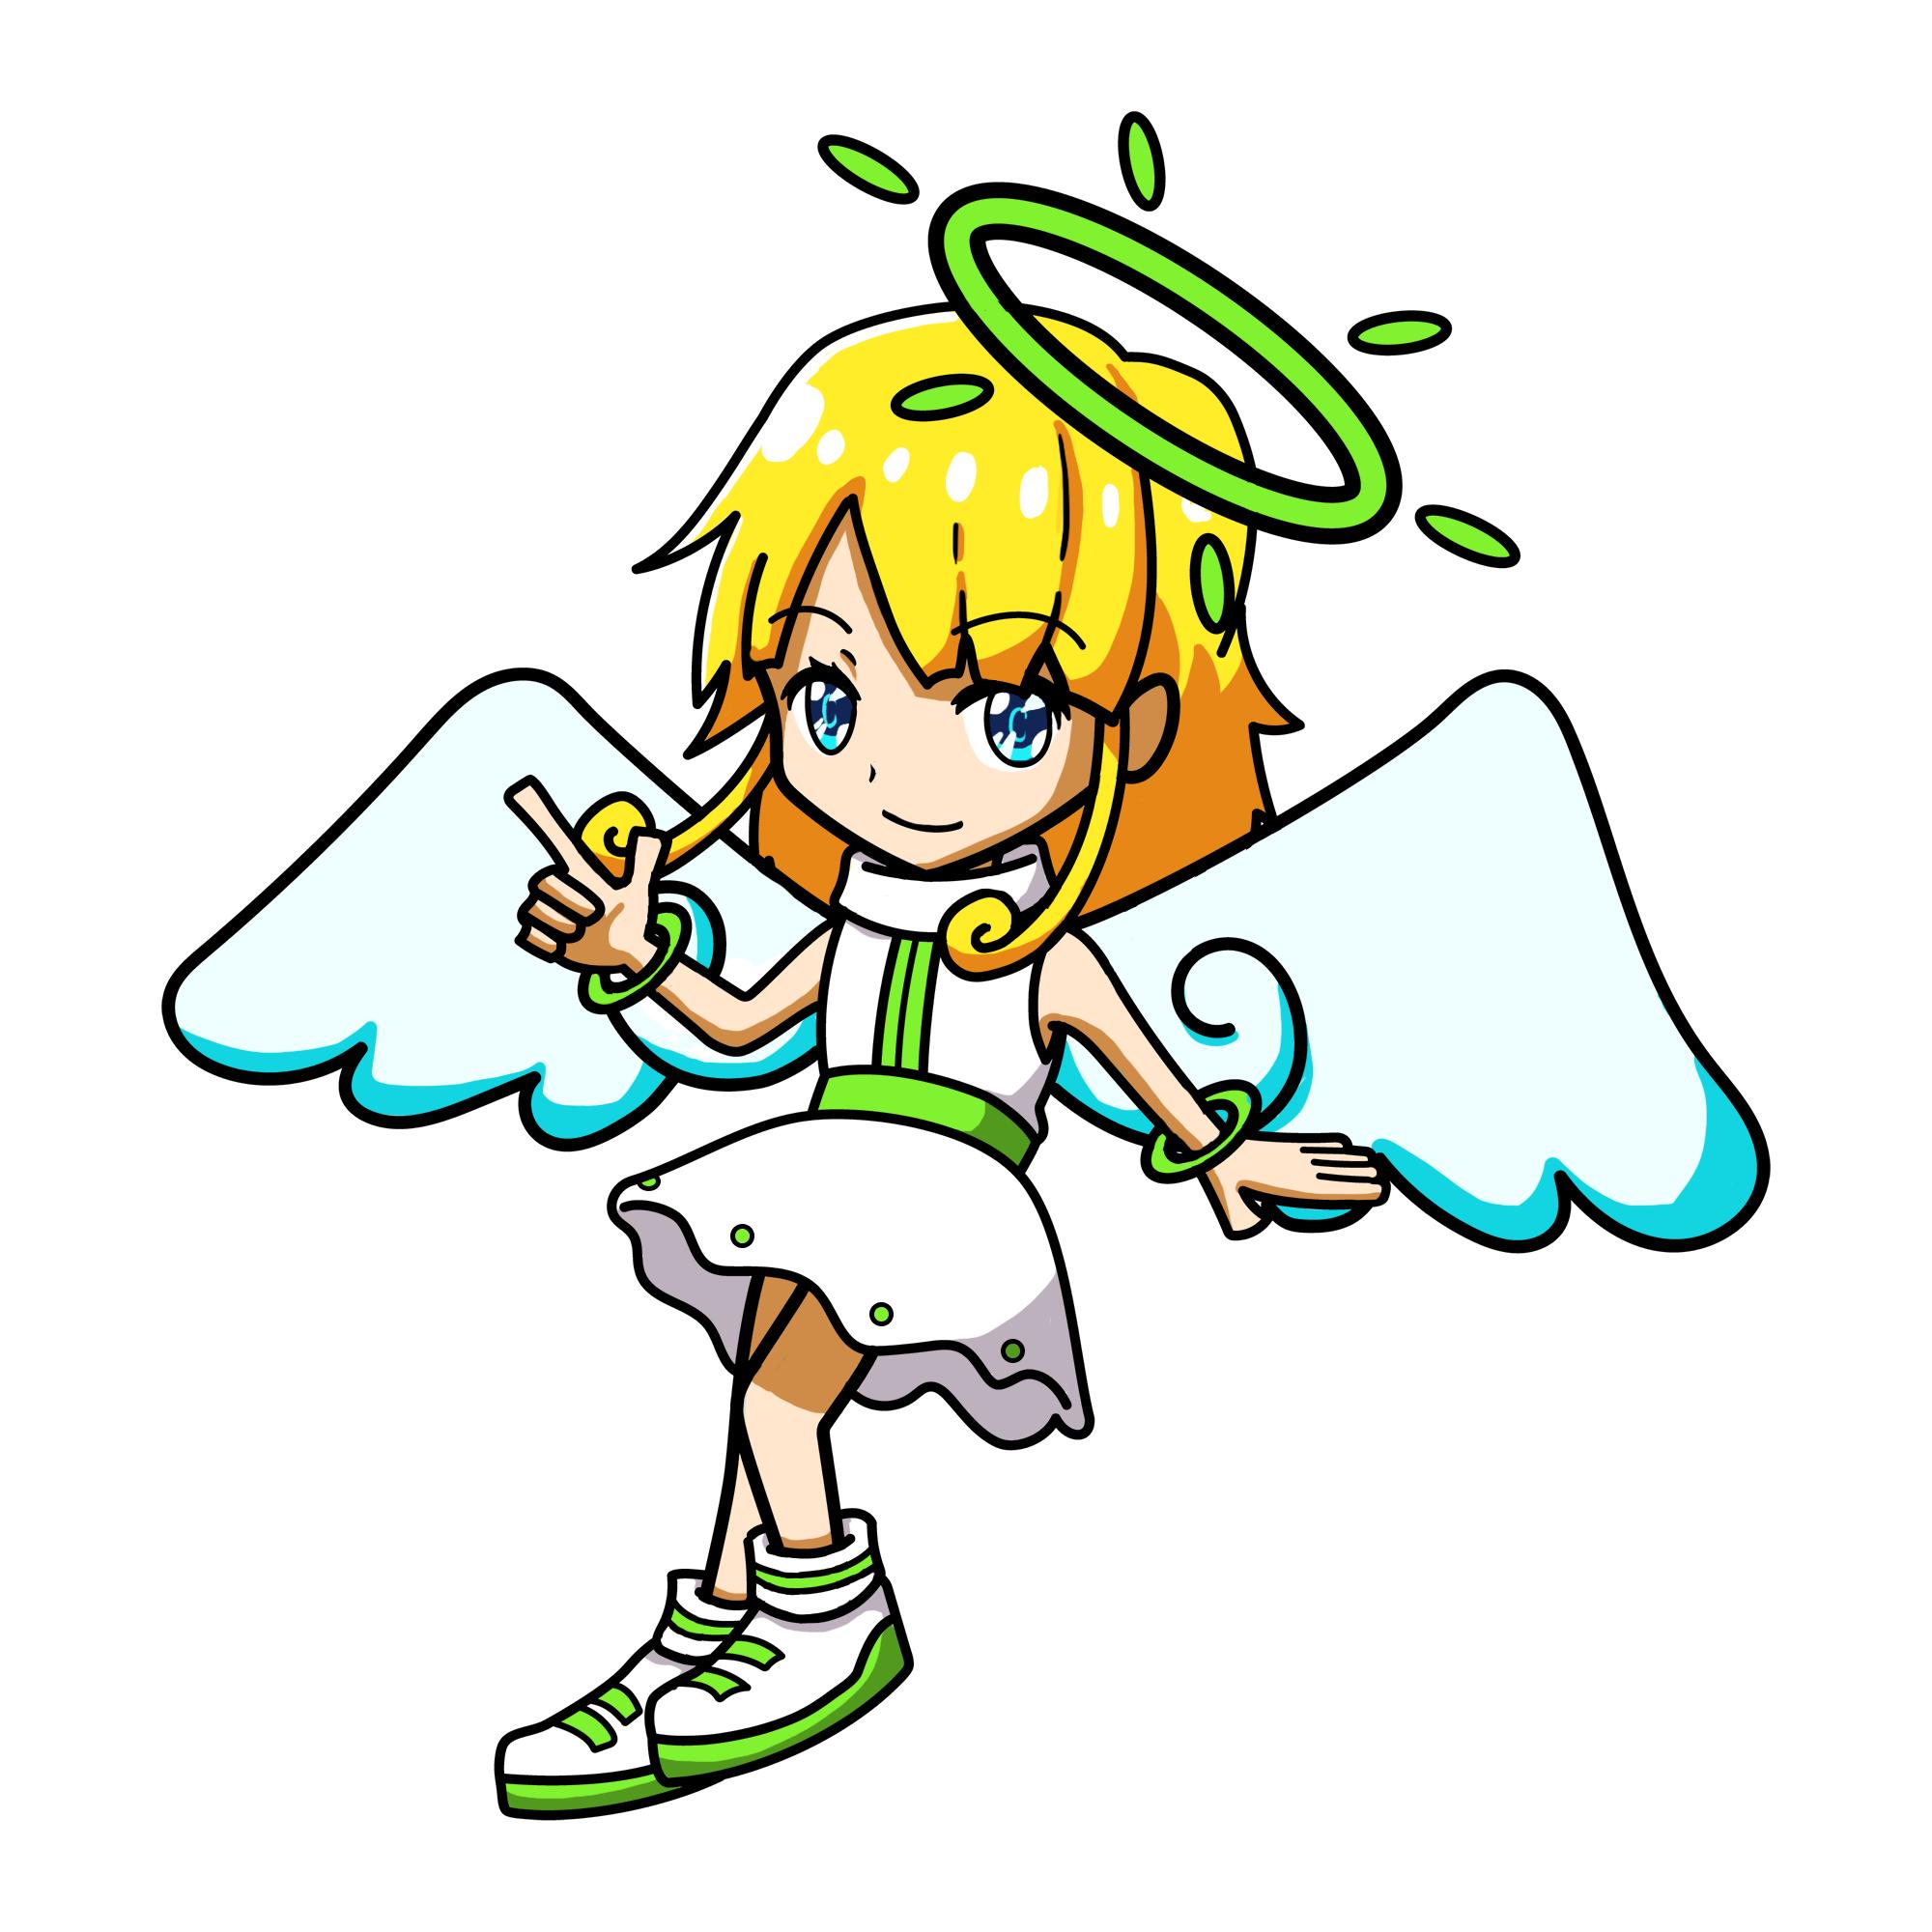 Angel Girl Image